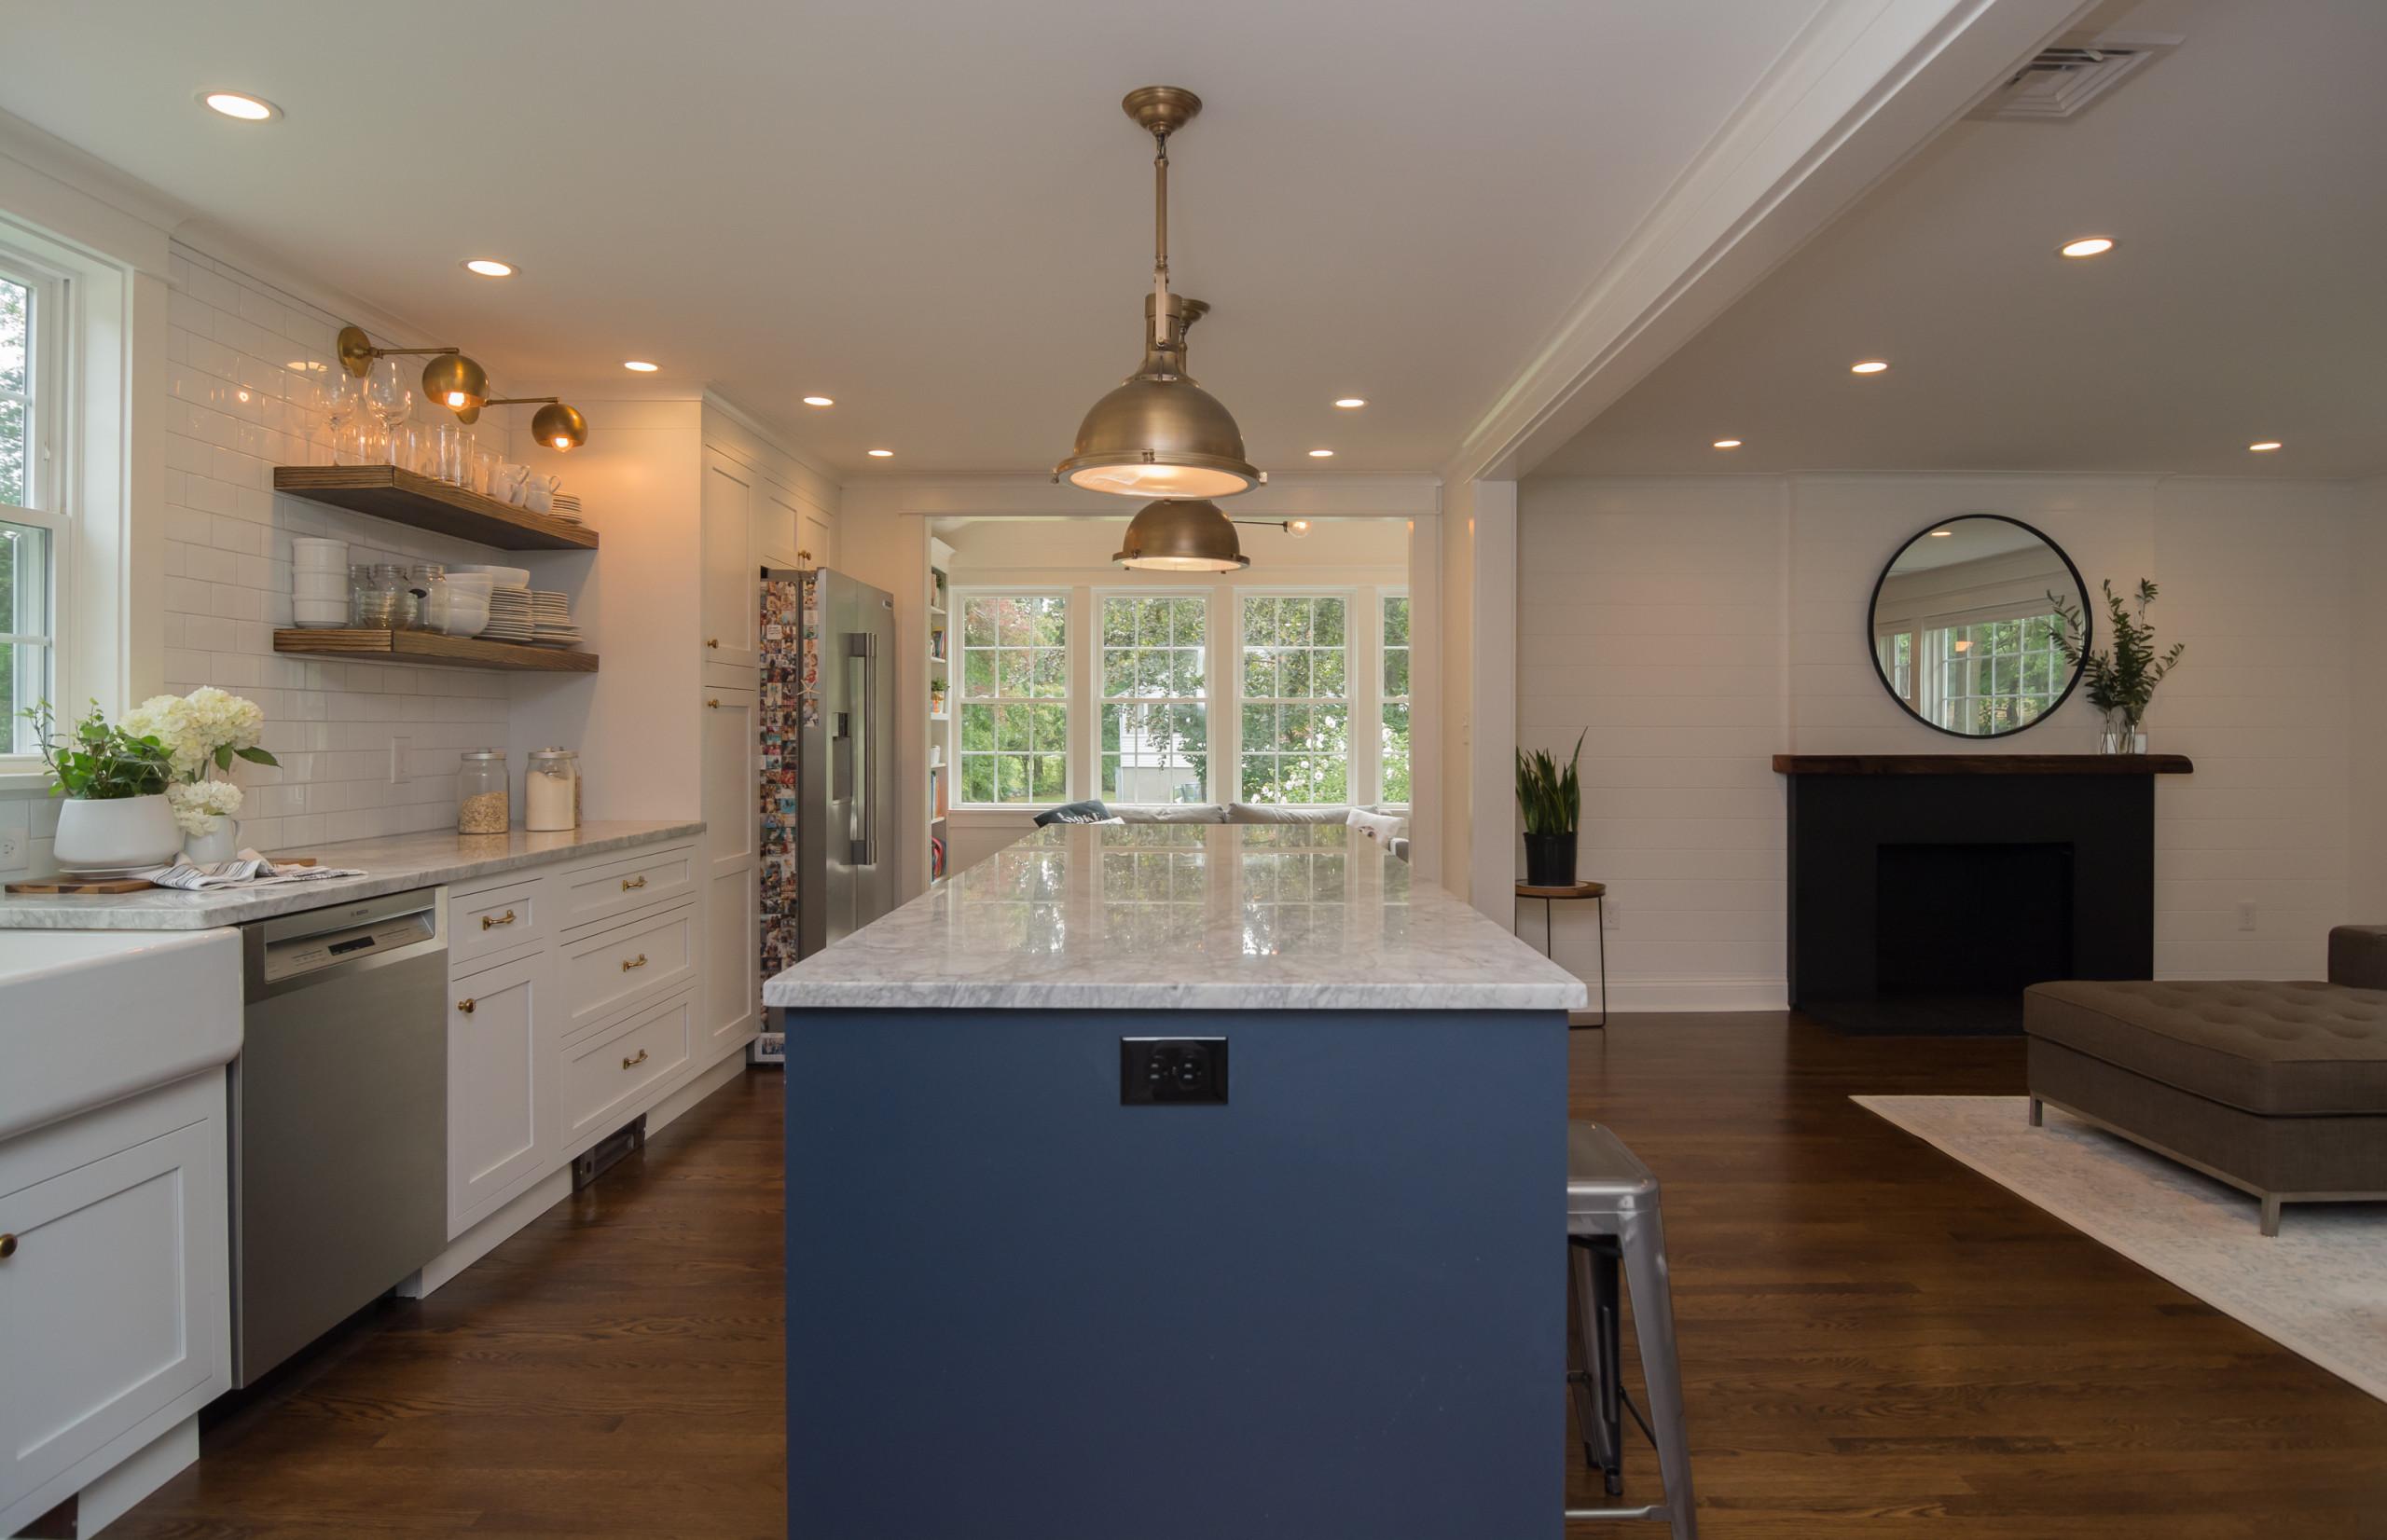 Modern Farmhouse kitchen.